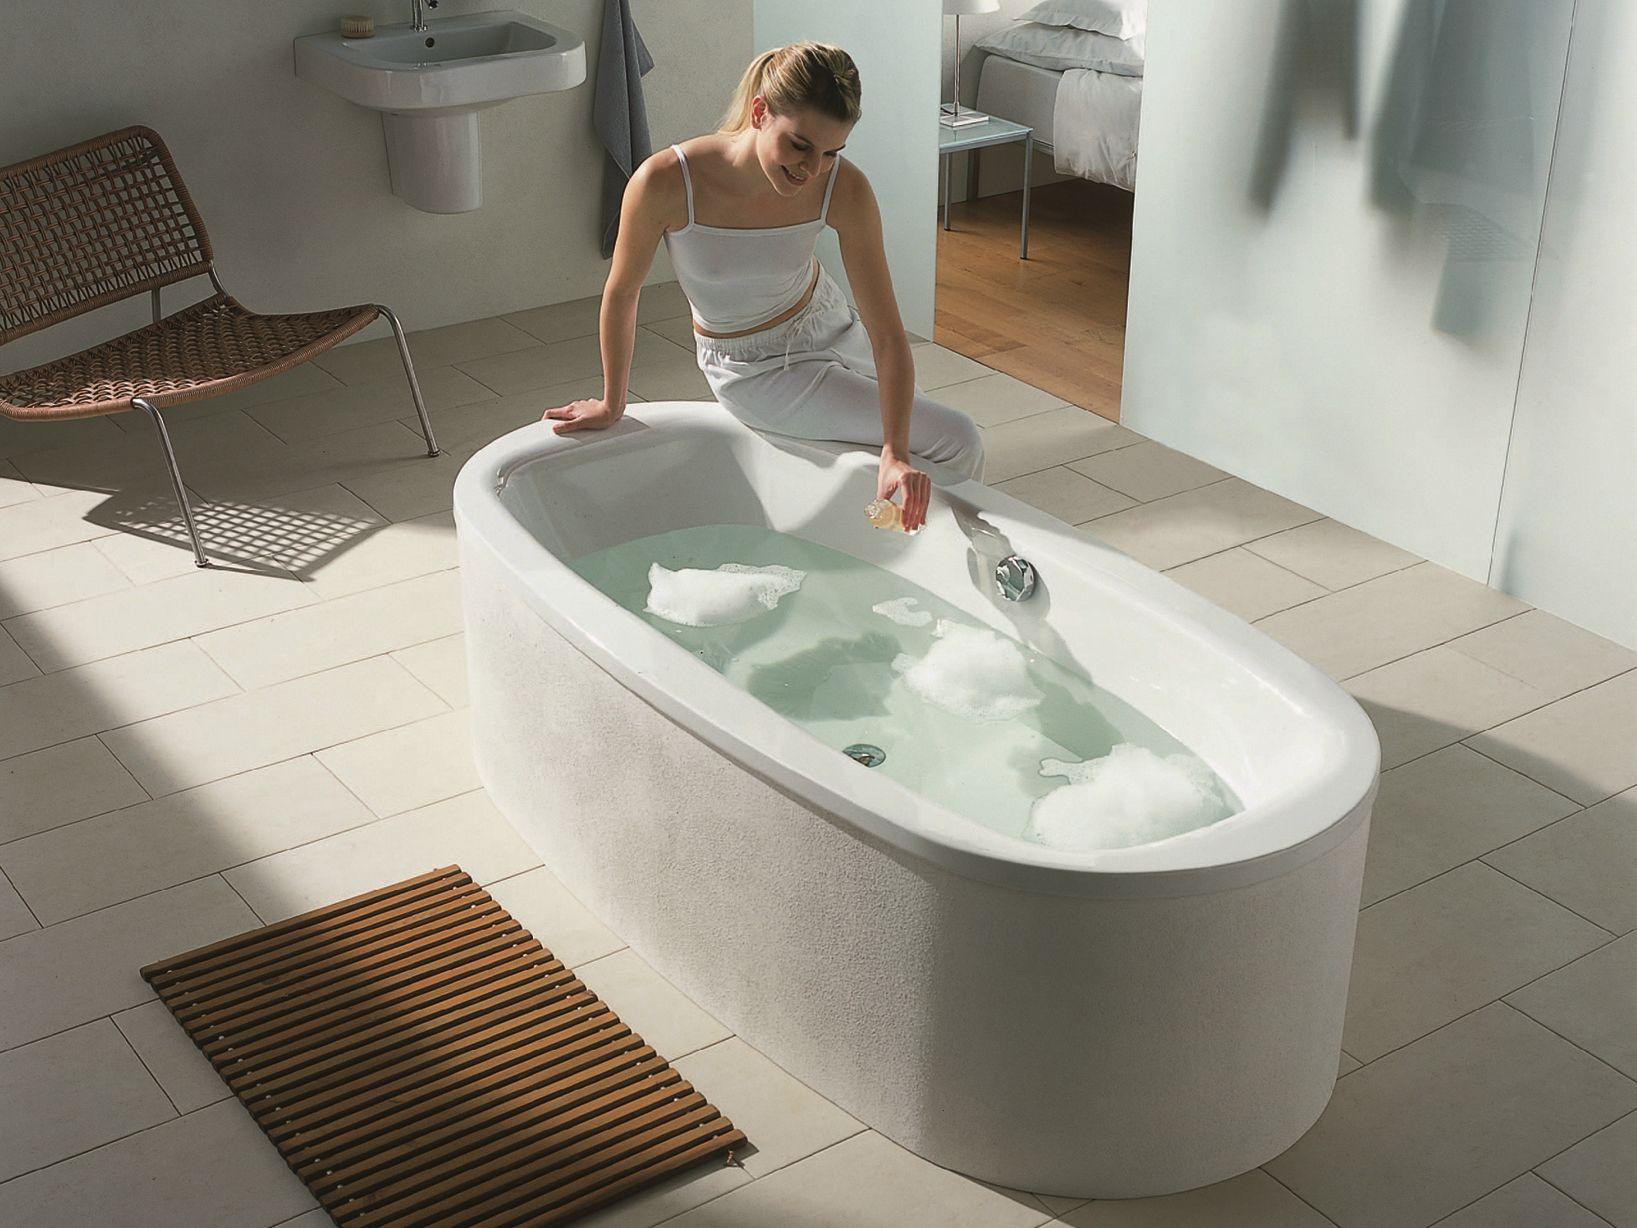 Vasca da bagno centro stanza ovale bettesteel oval by bette - Vasche da bagno centro stanza ...